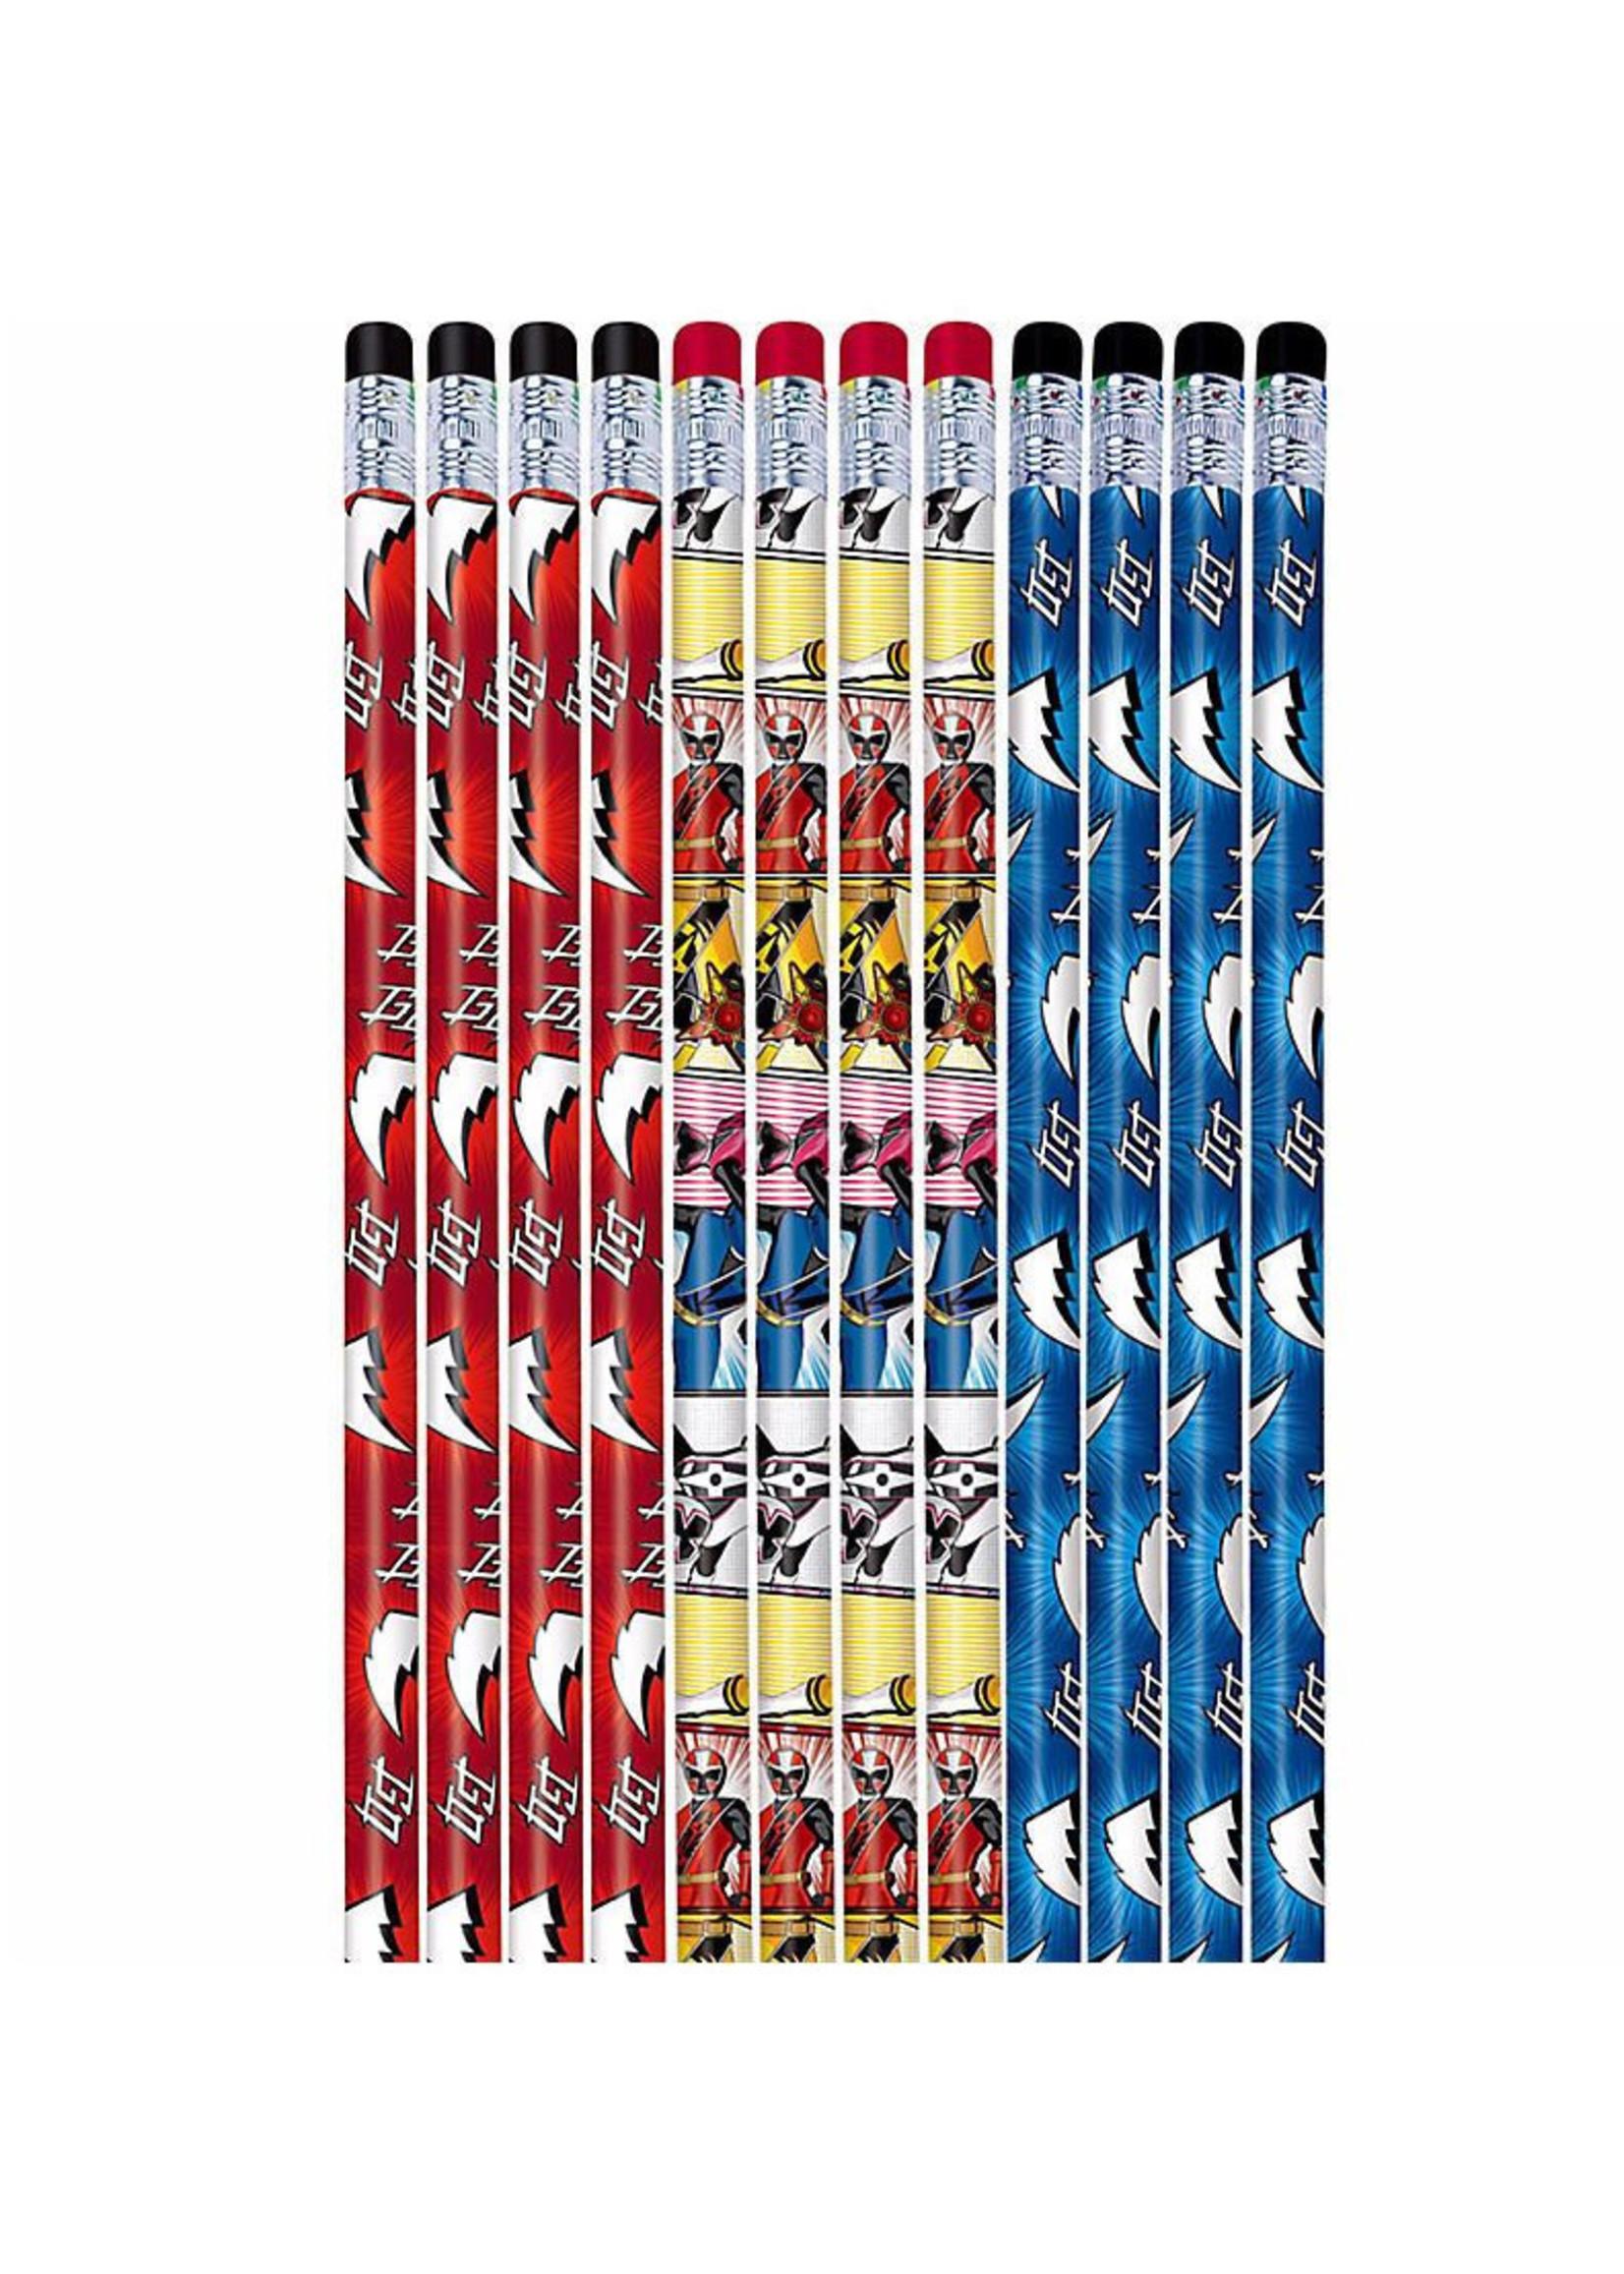 Power Rangers Ninja Steel Pencils - 12ct